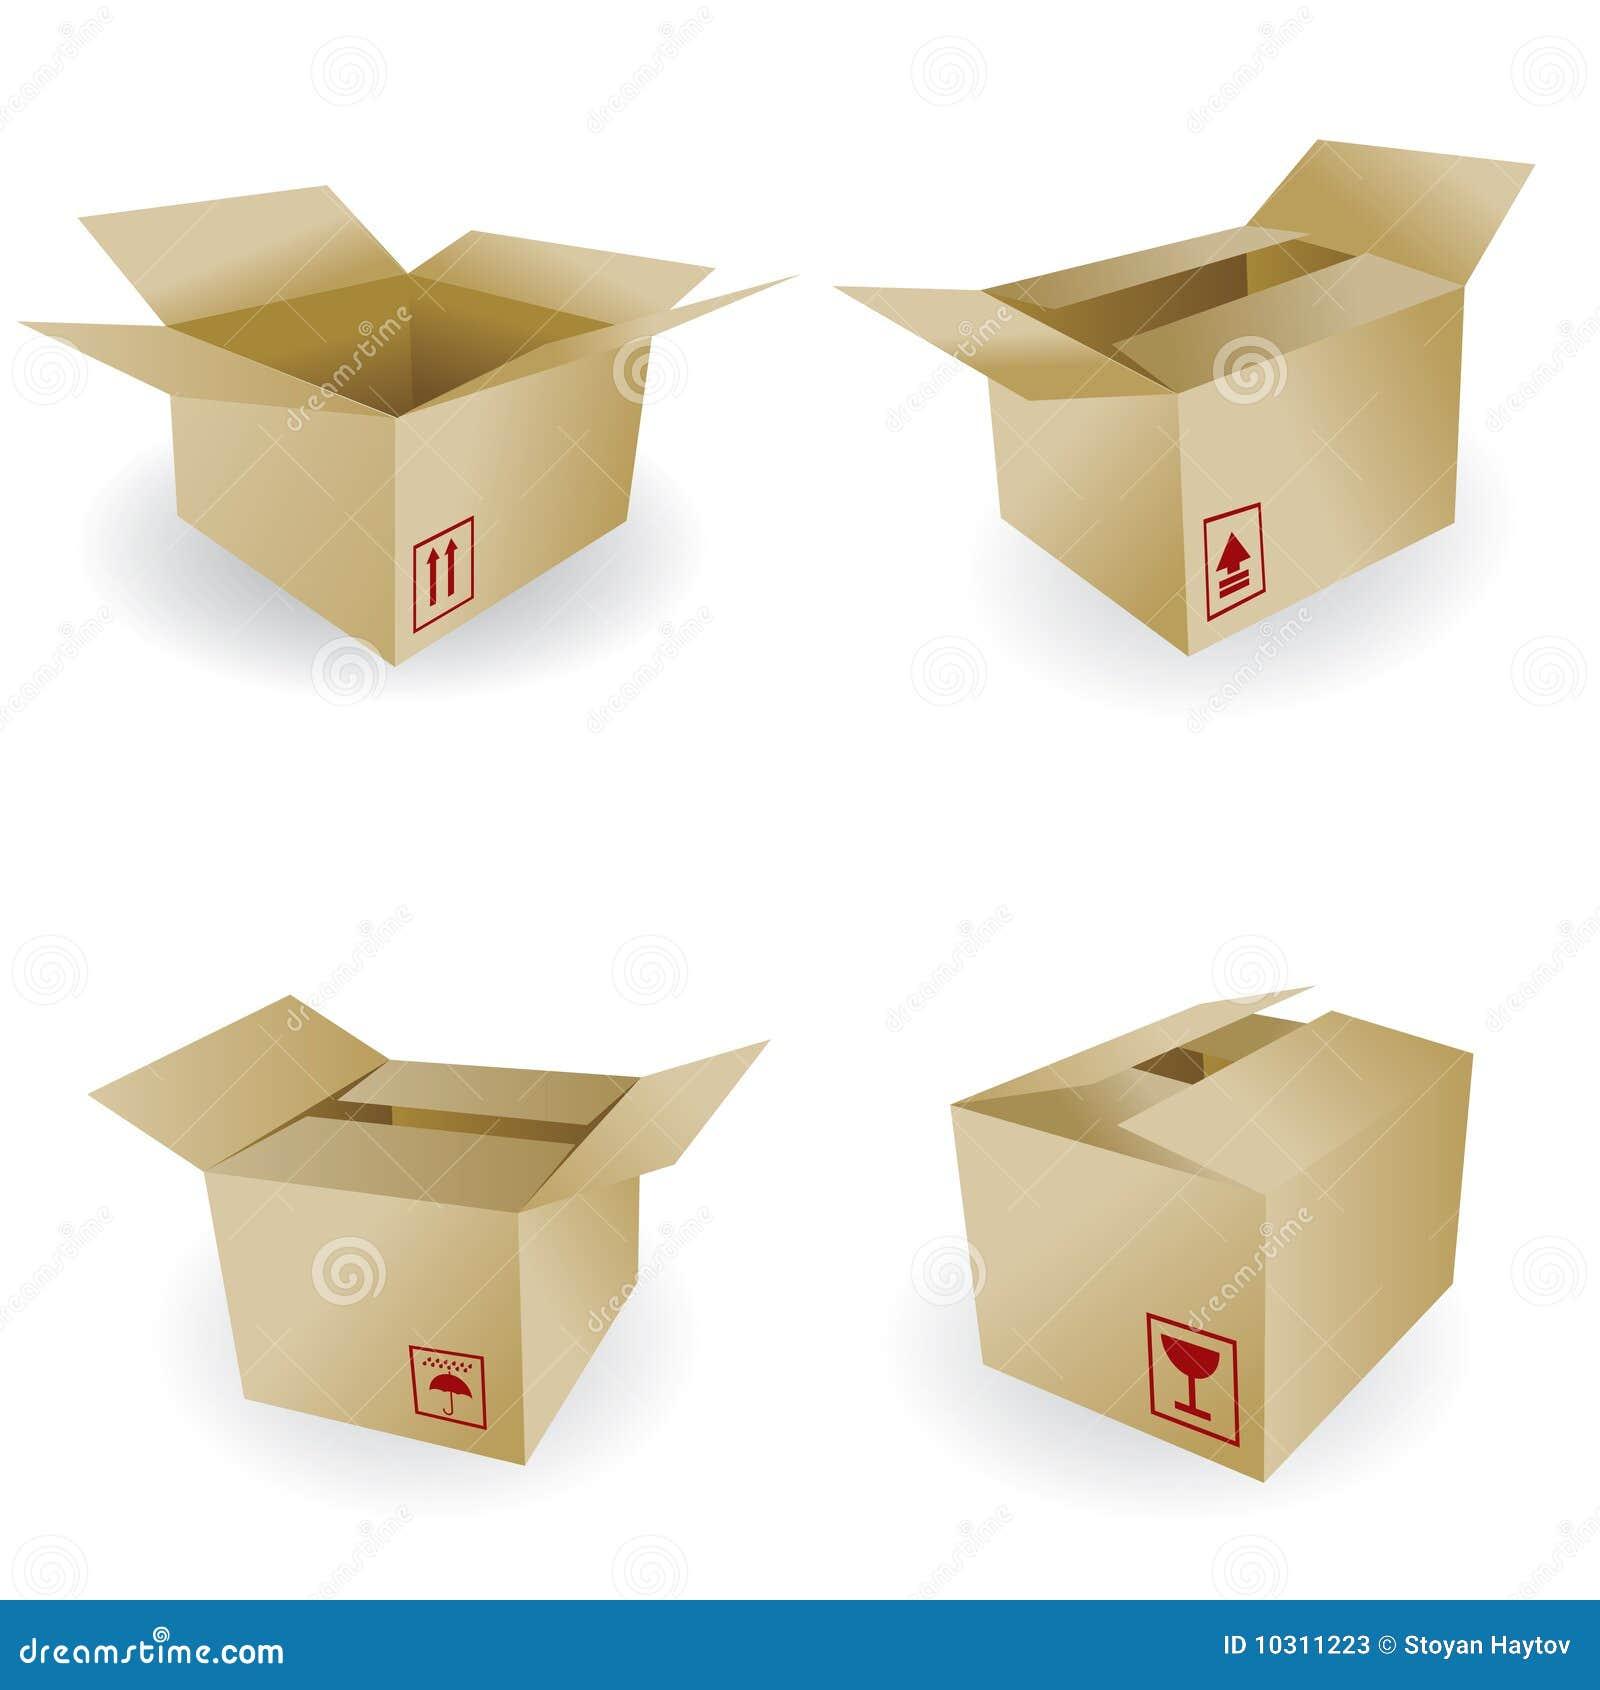 Shipping Box Vector Stock Photos - Image: 10311223